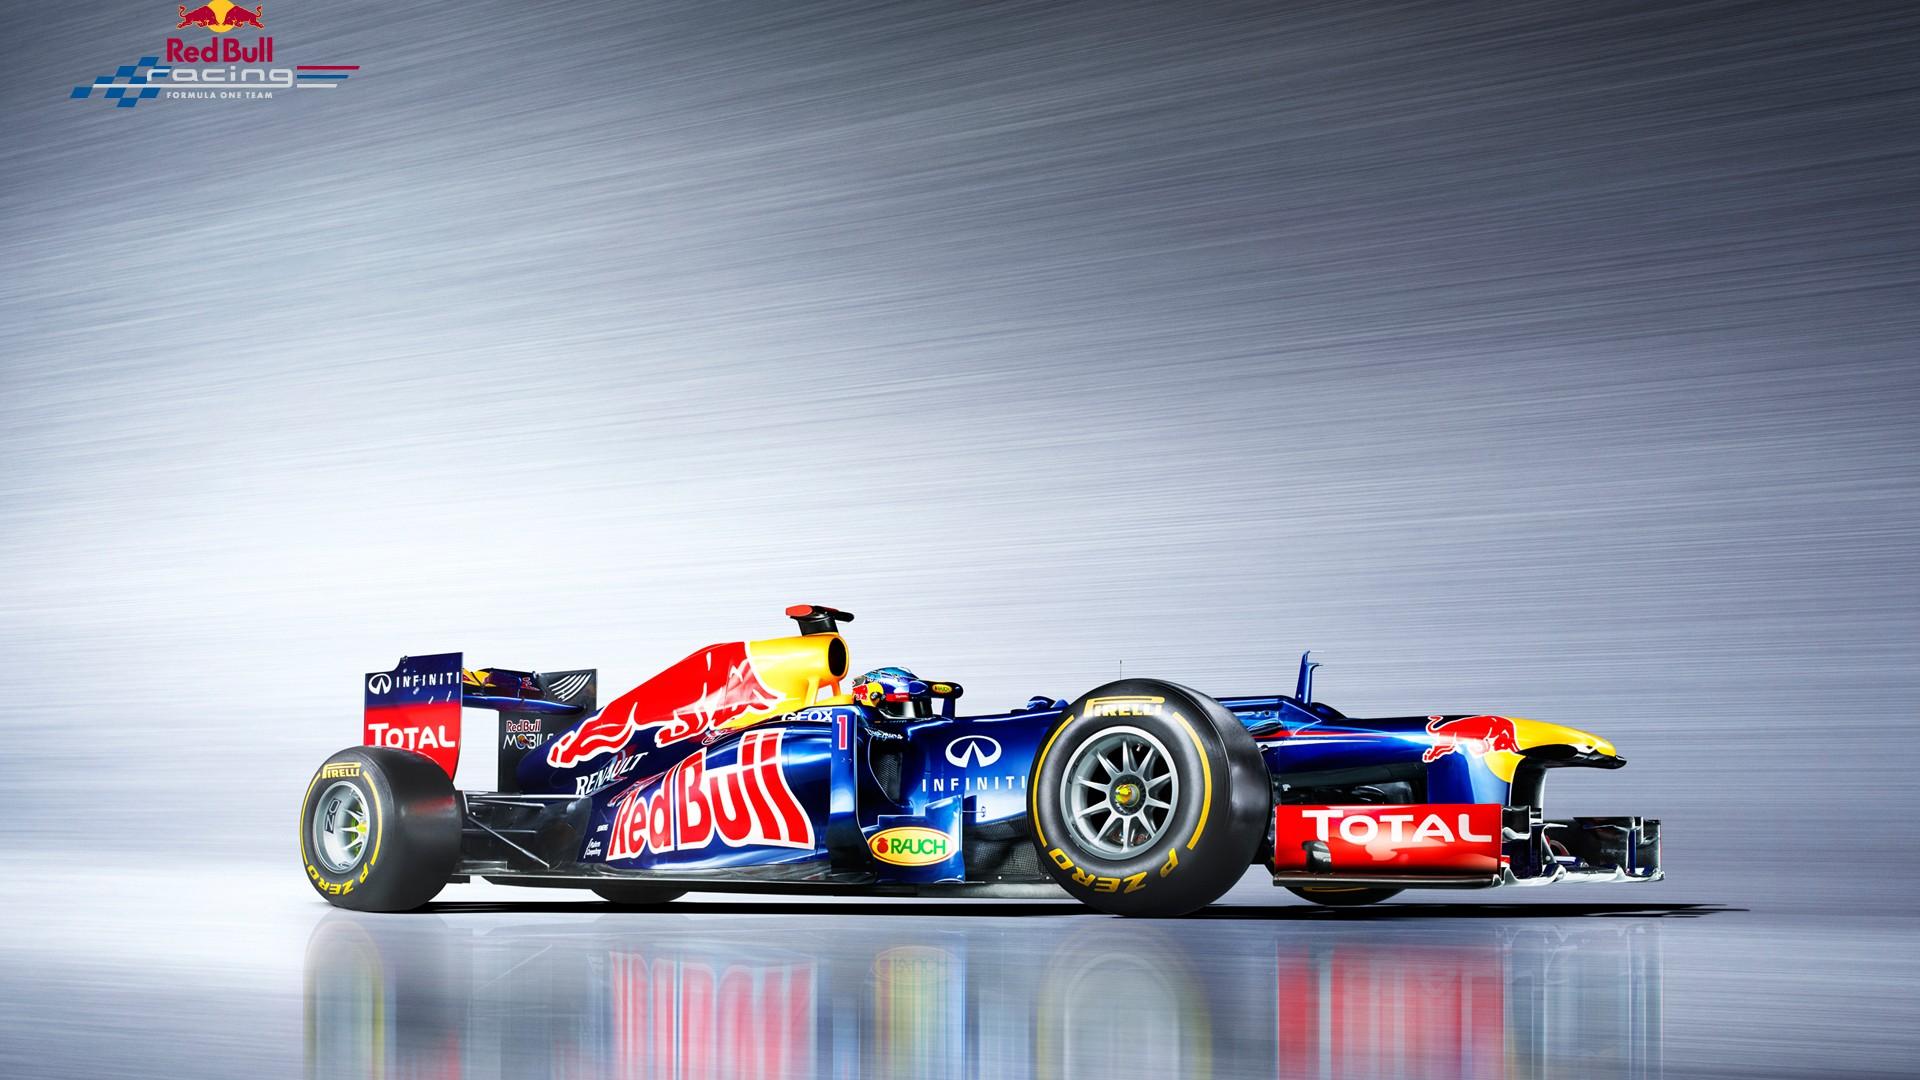 1920x1080px Red Bull Racing Wallpaper Wallpapersafari